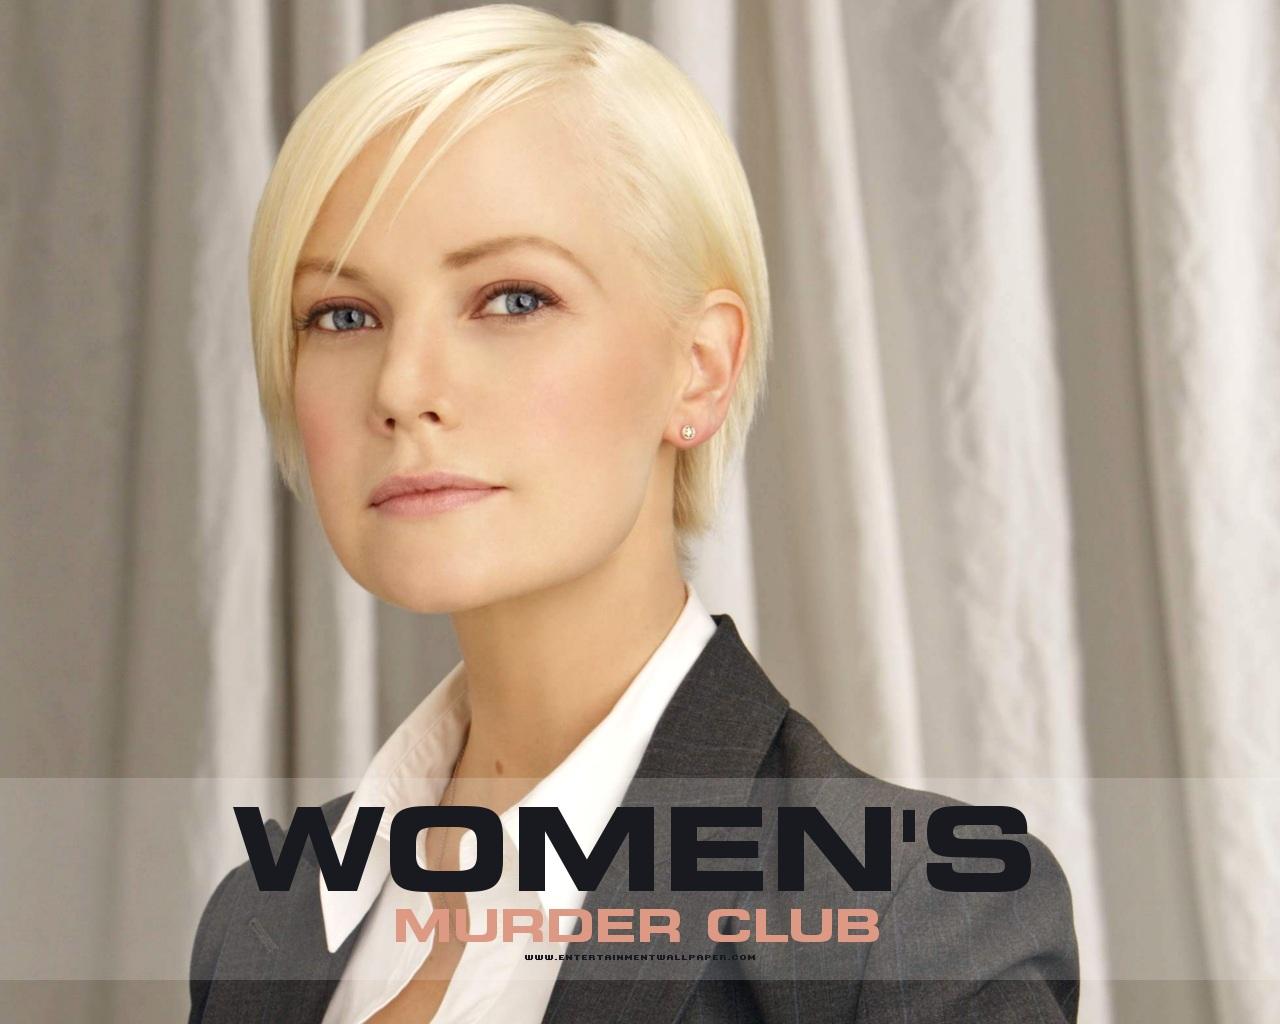 WomenS Murder Club